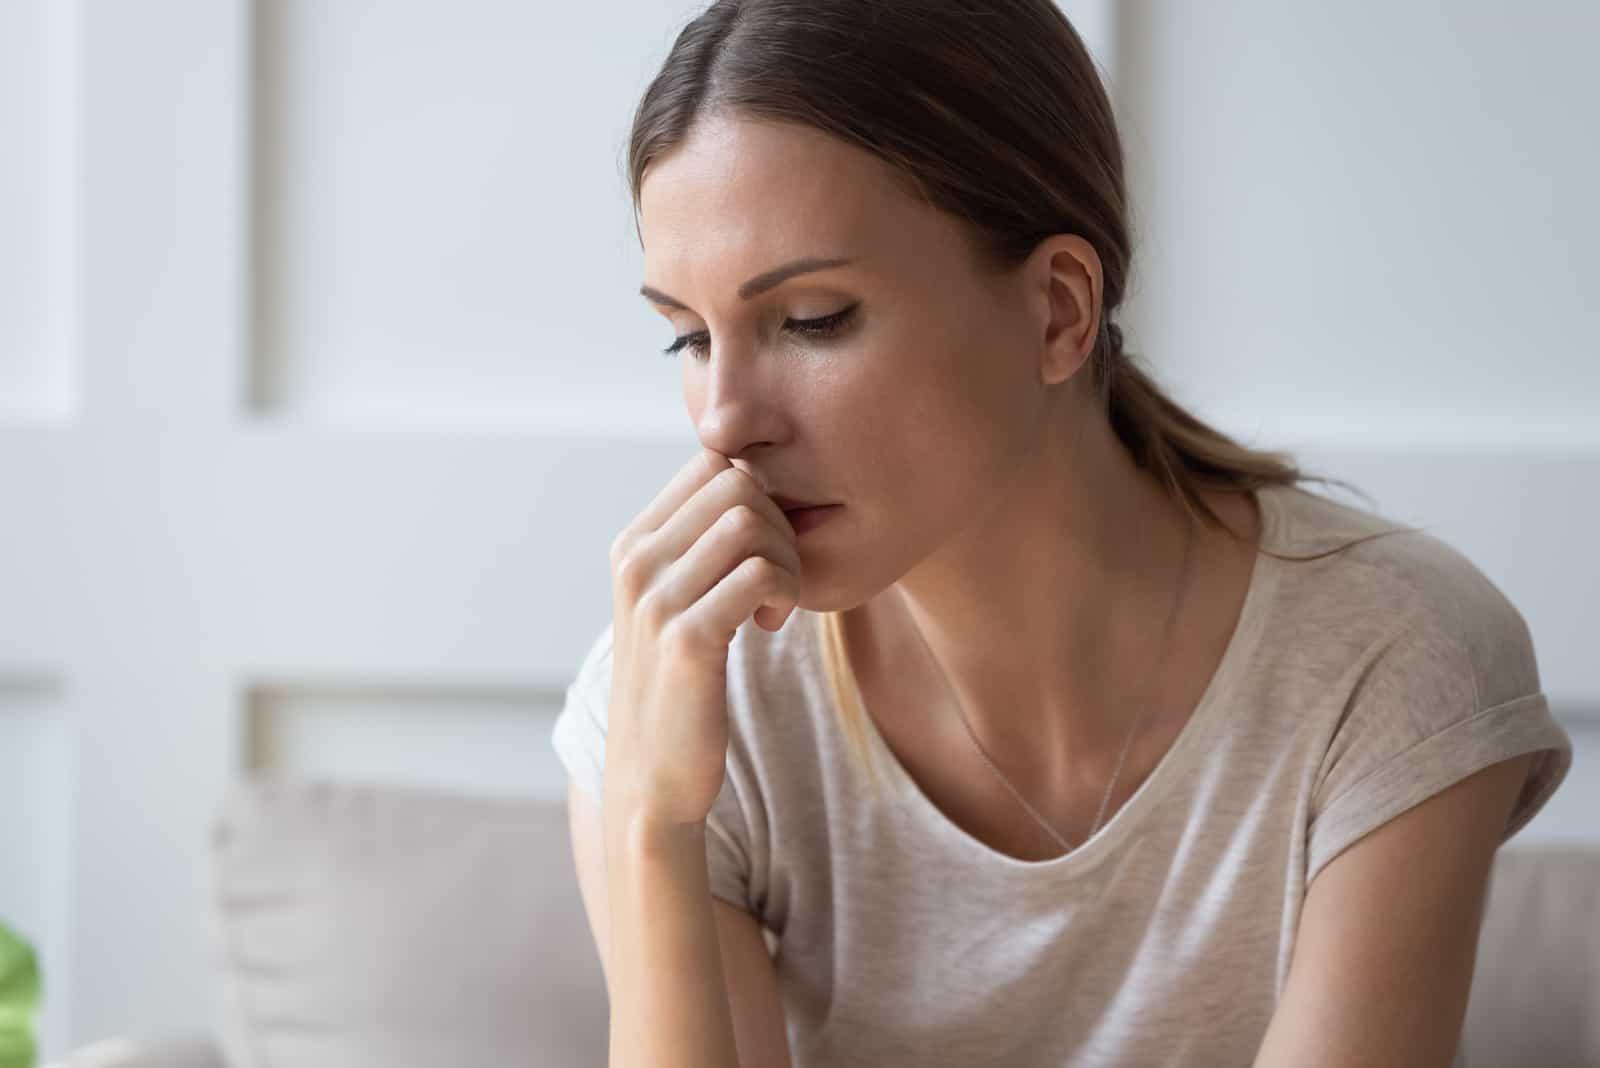 Frau sitzt alleine und denkt über Probleme nach